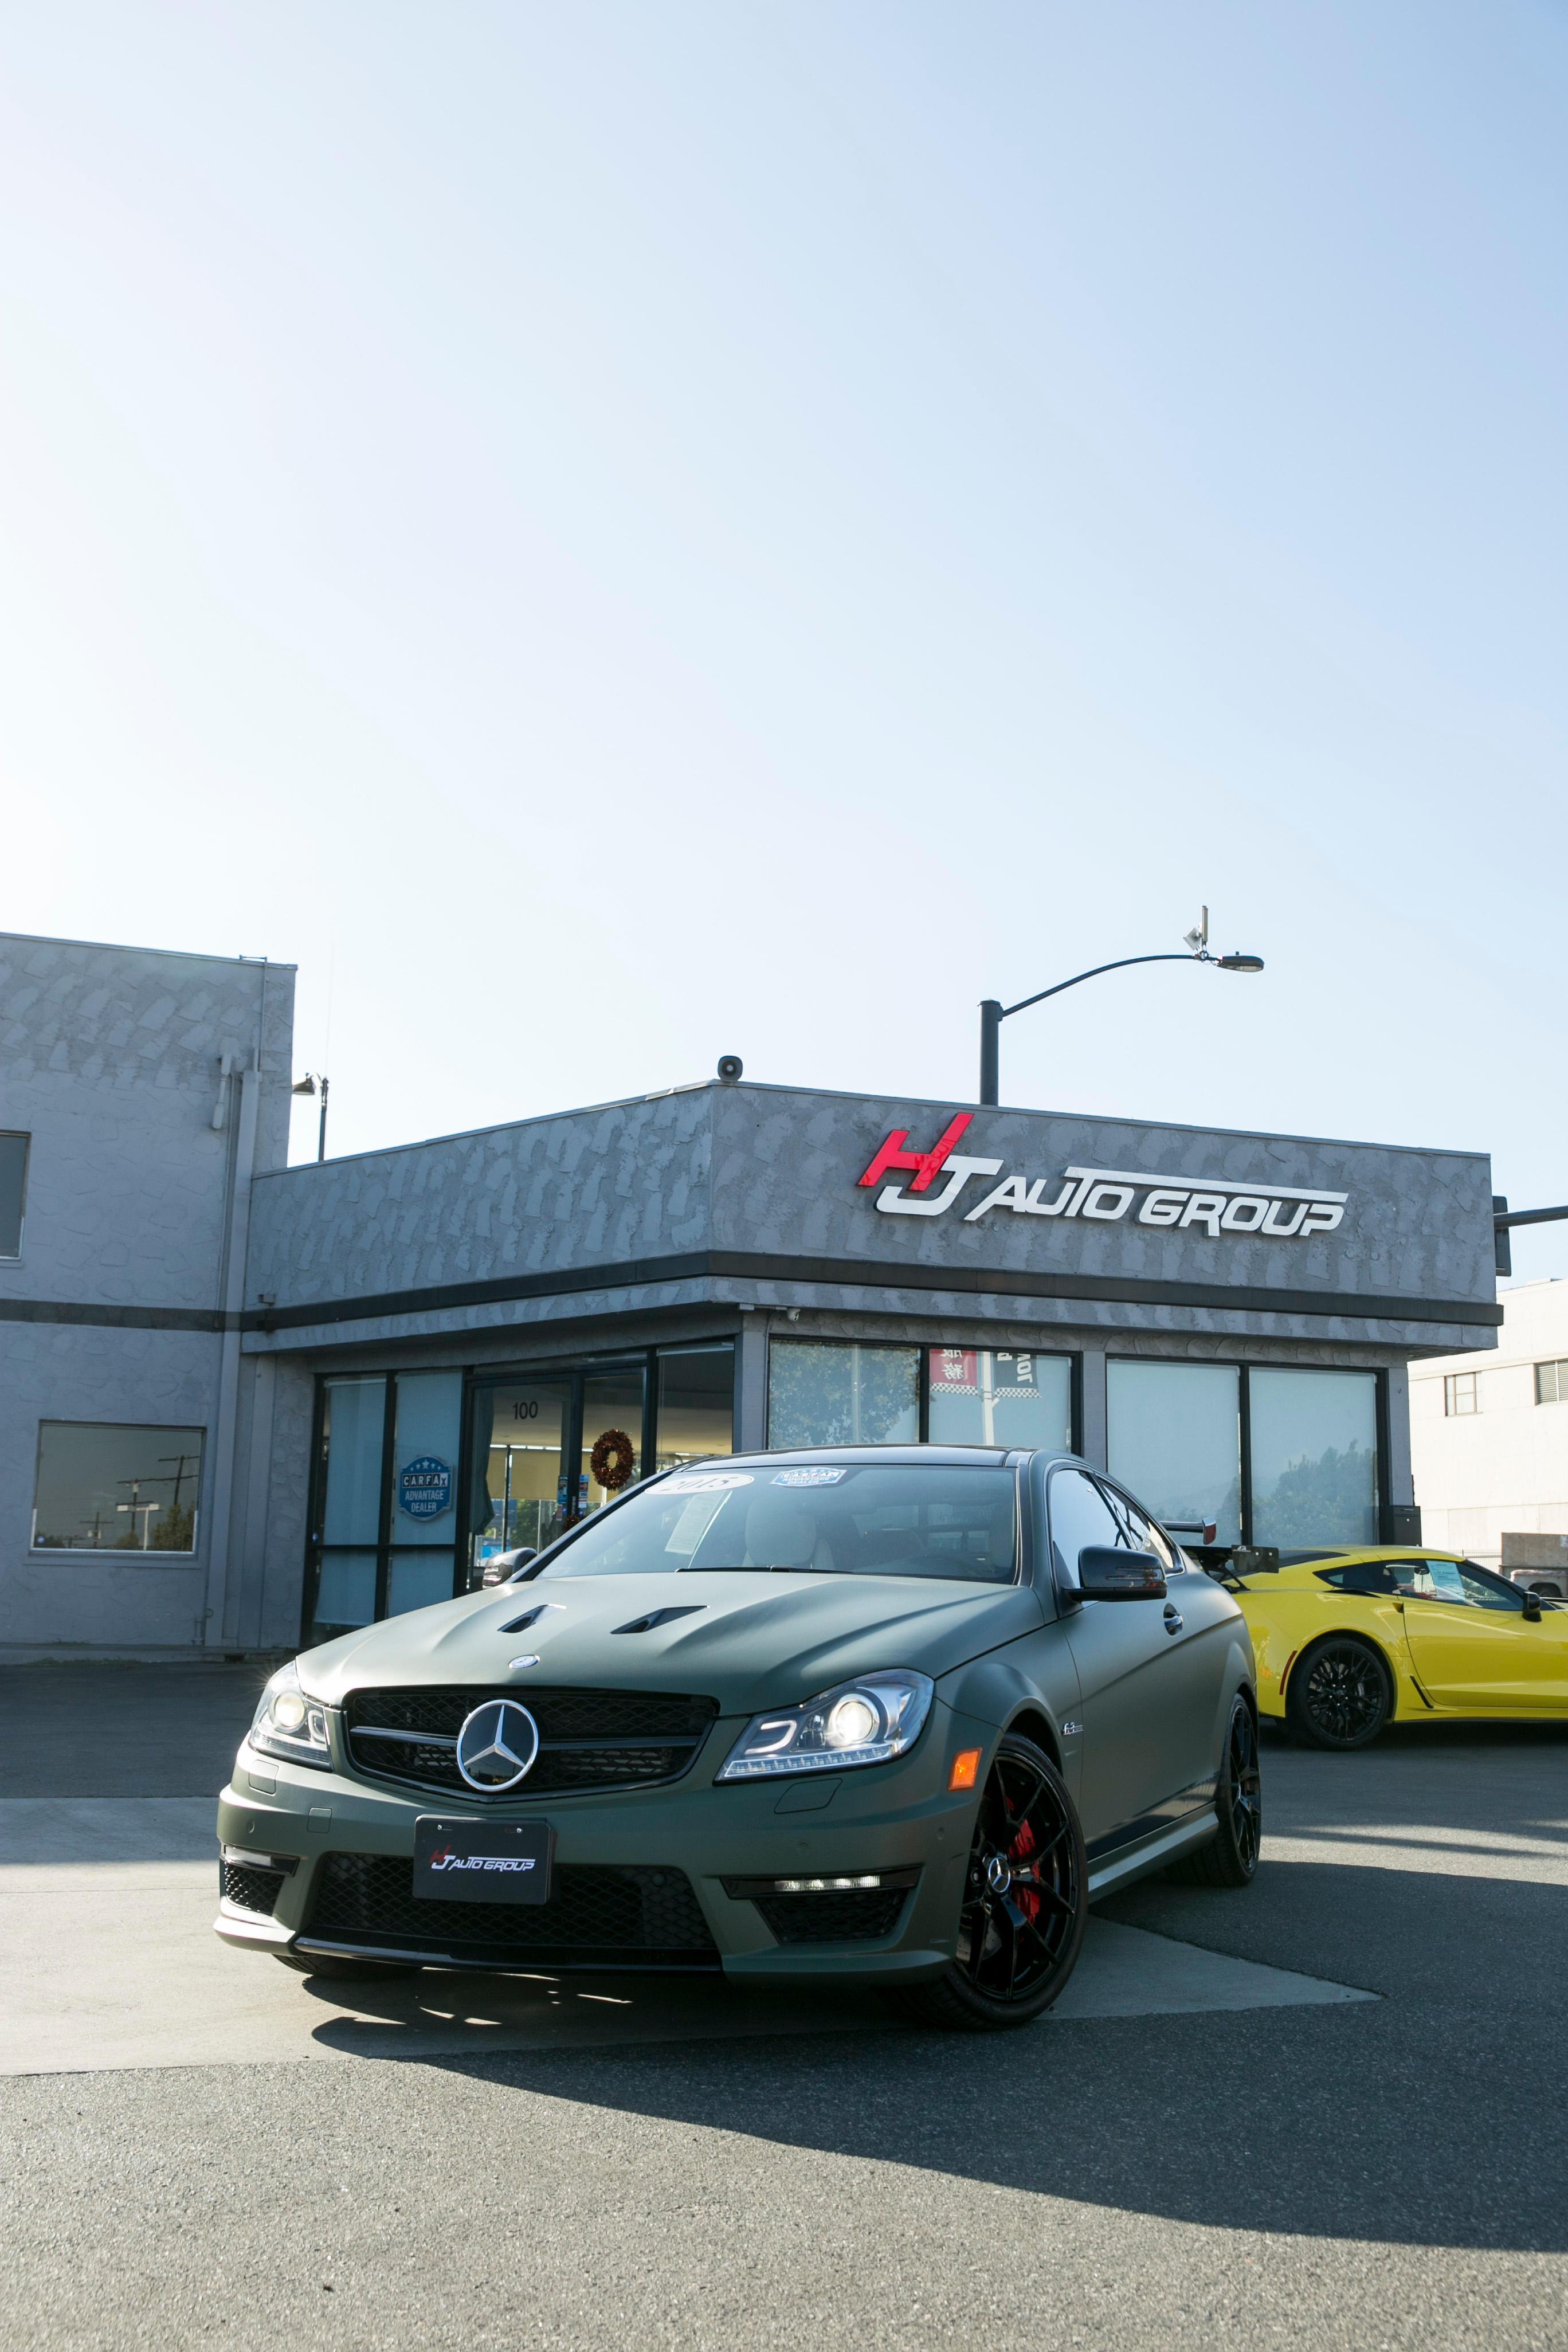 HJ Auto Group image 4